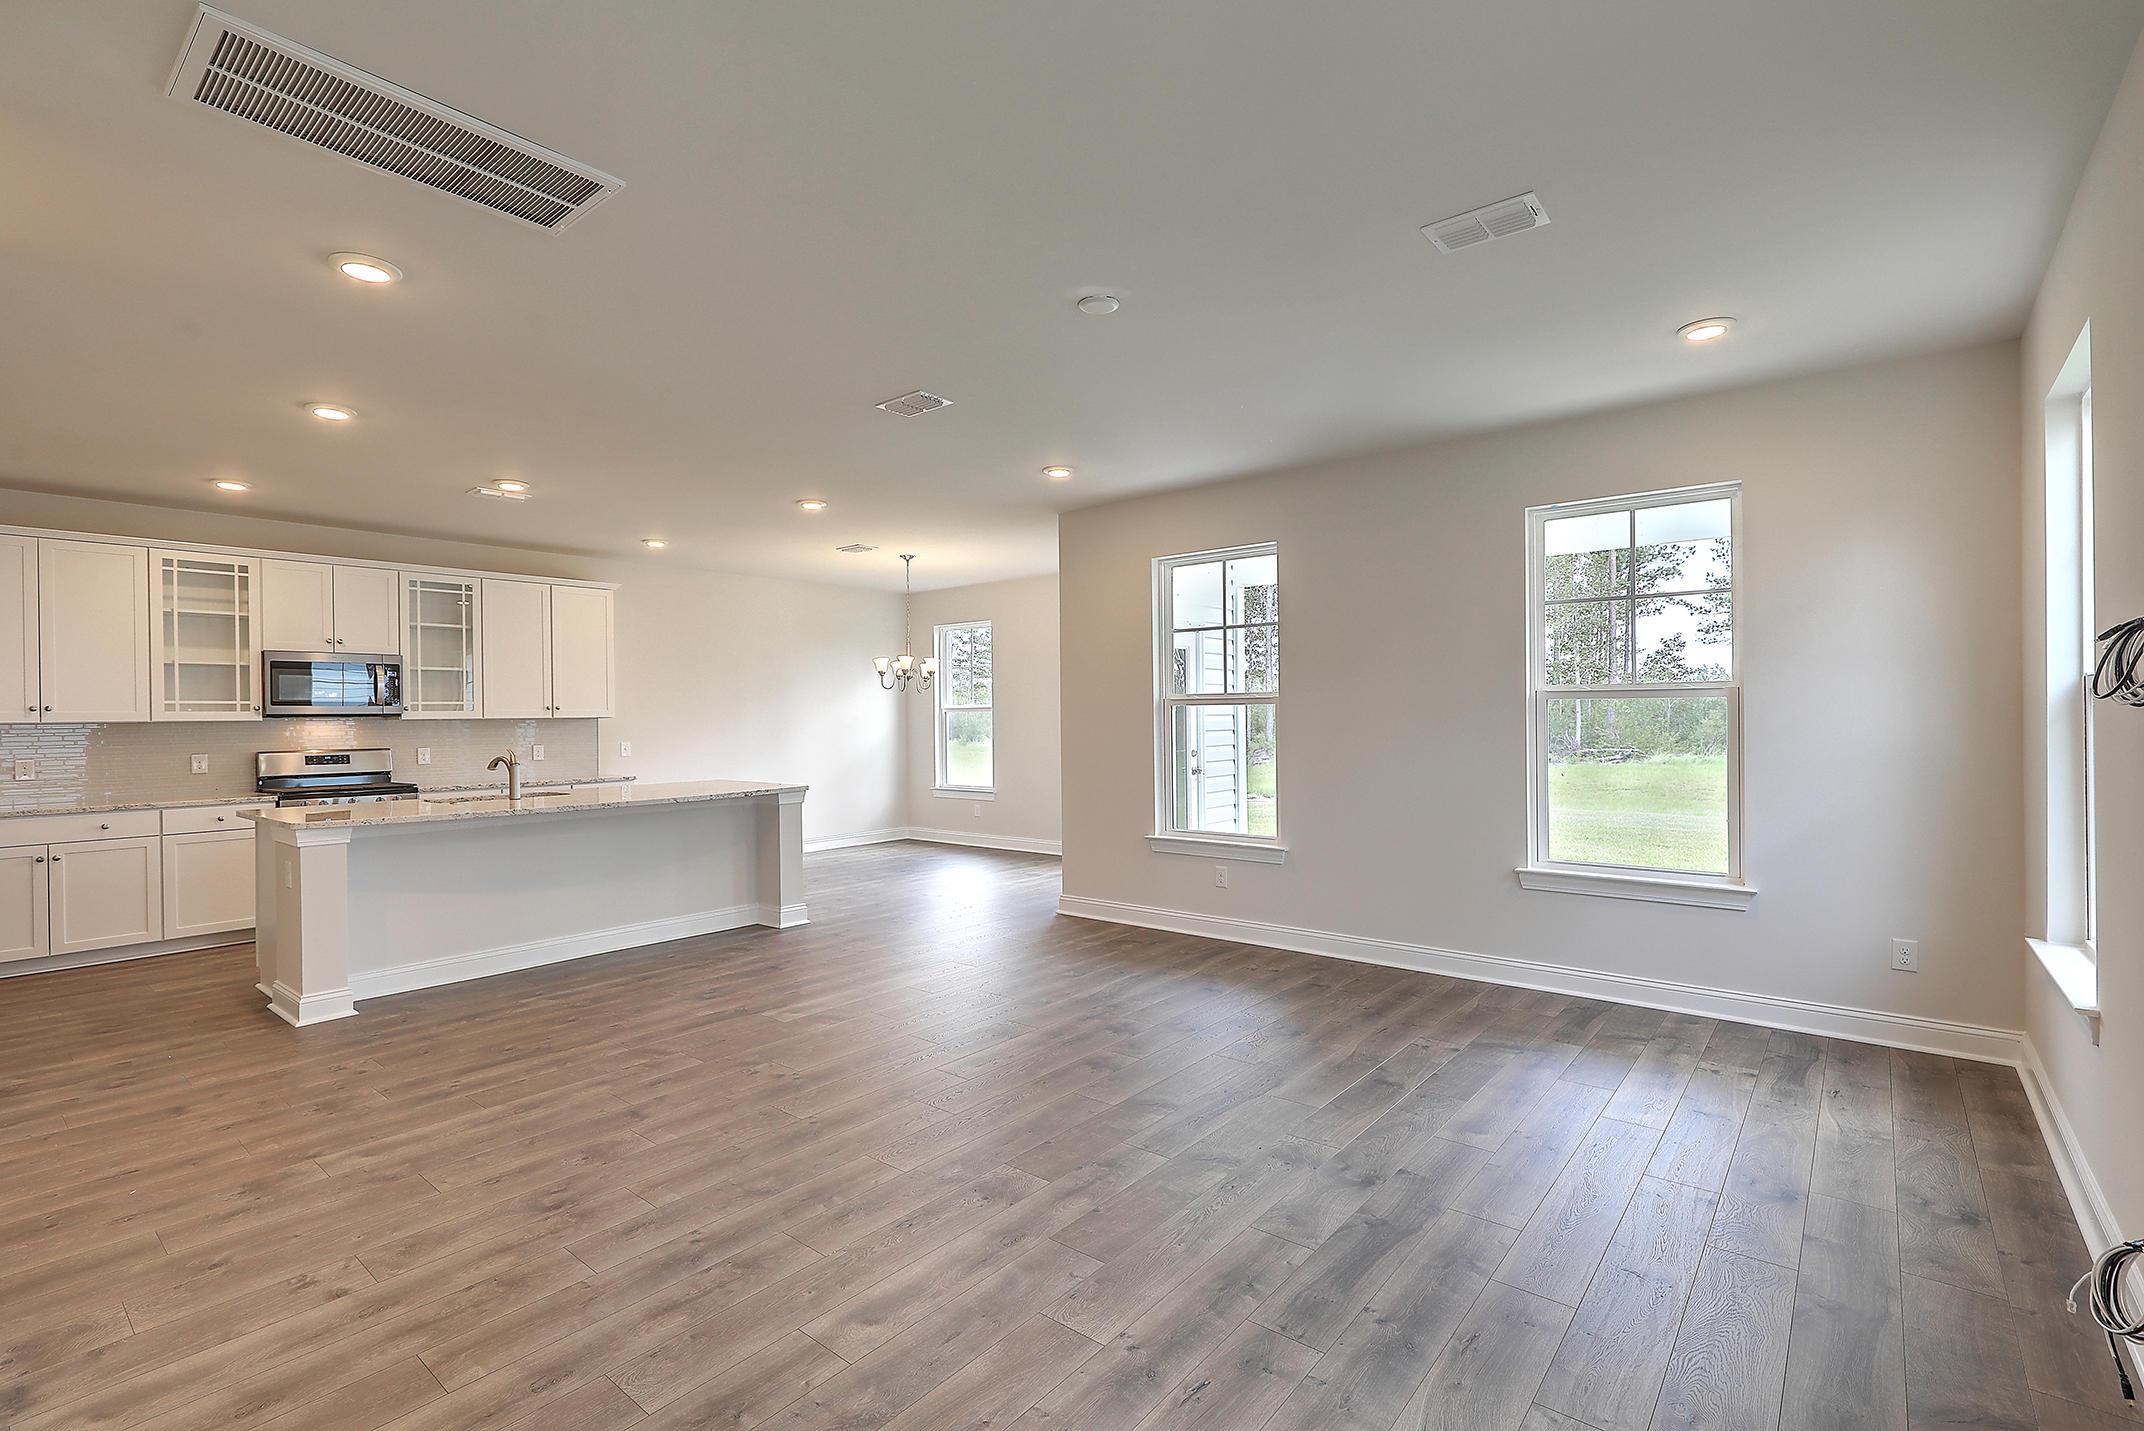 Cane Bay Plantation Homes For Sale - 117 Cotesworth, Summerville, SC - 12